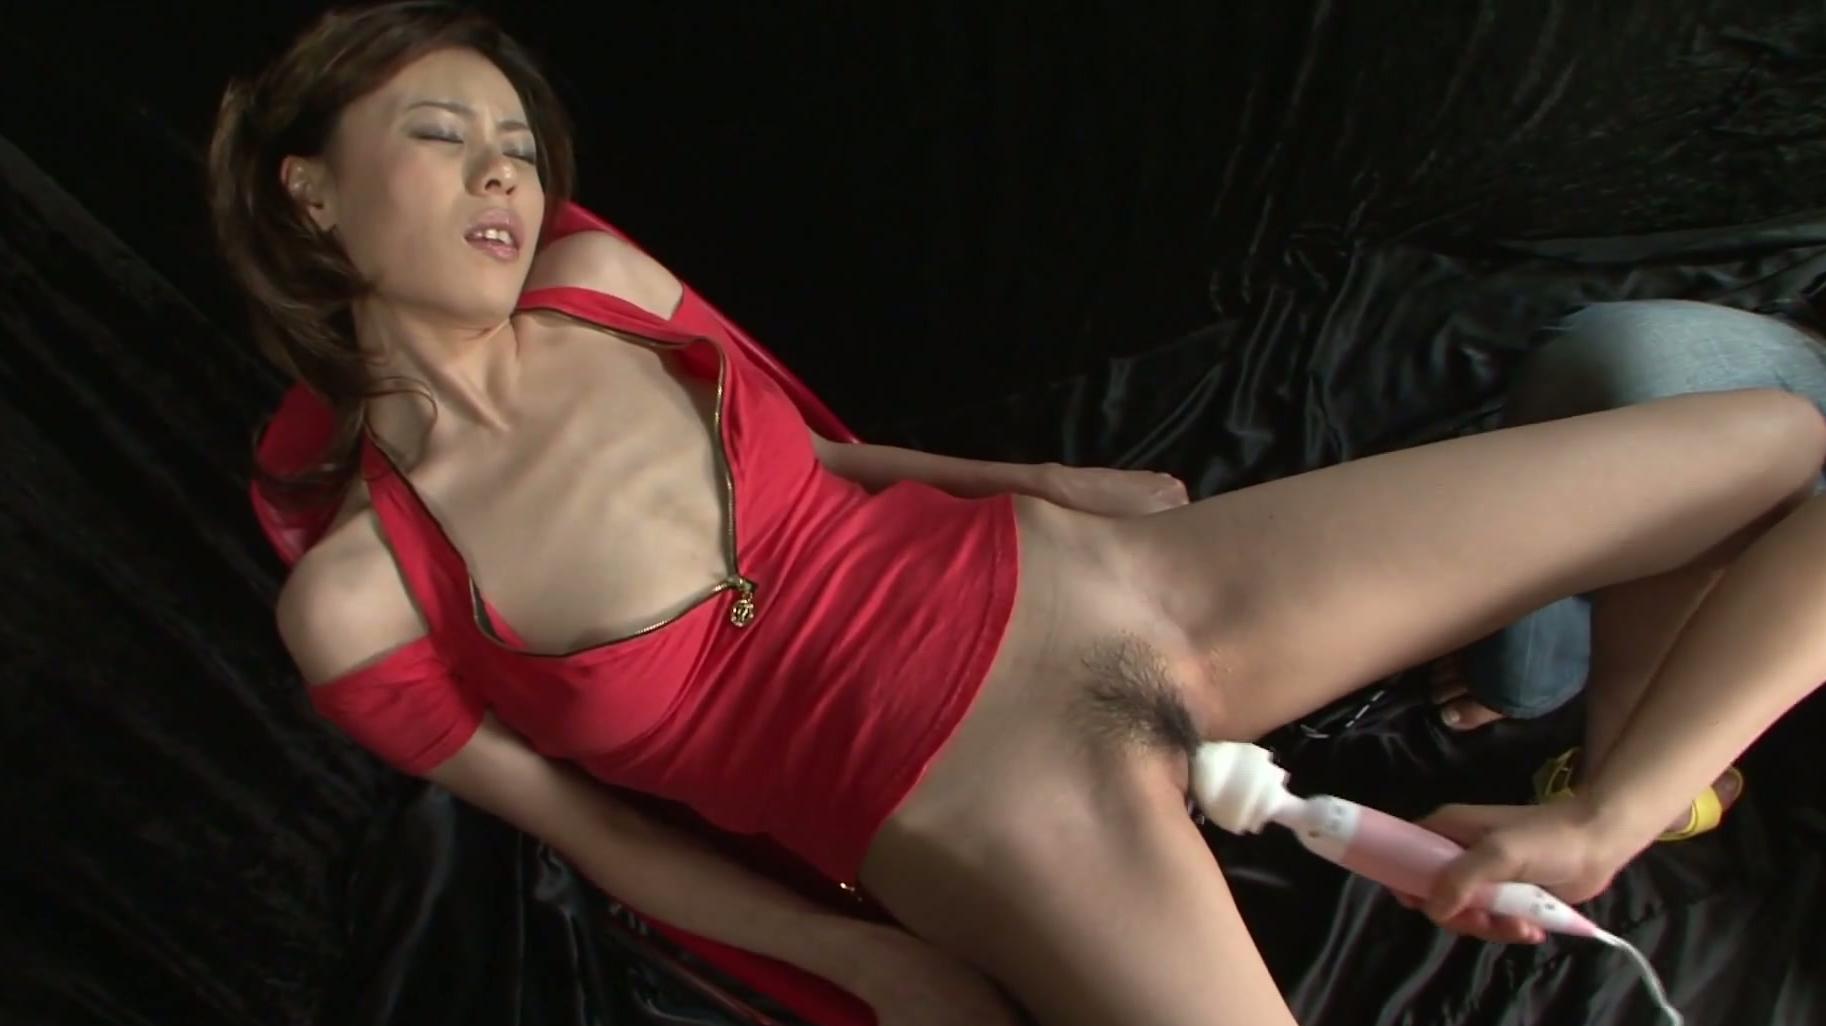 ass mature Flashing